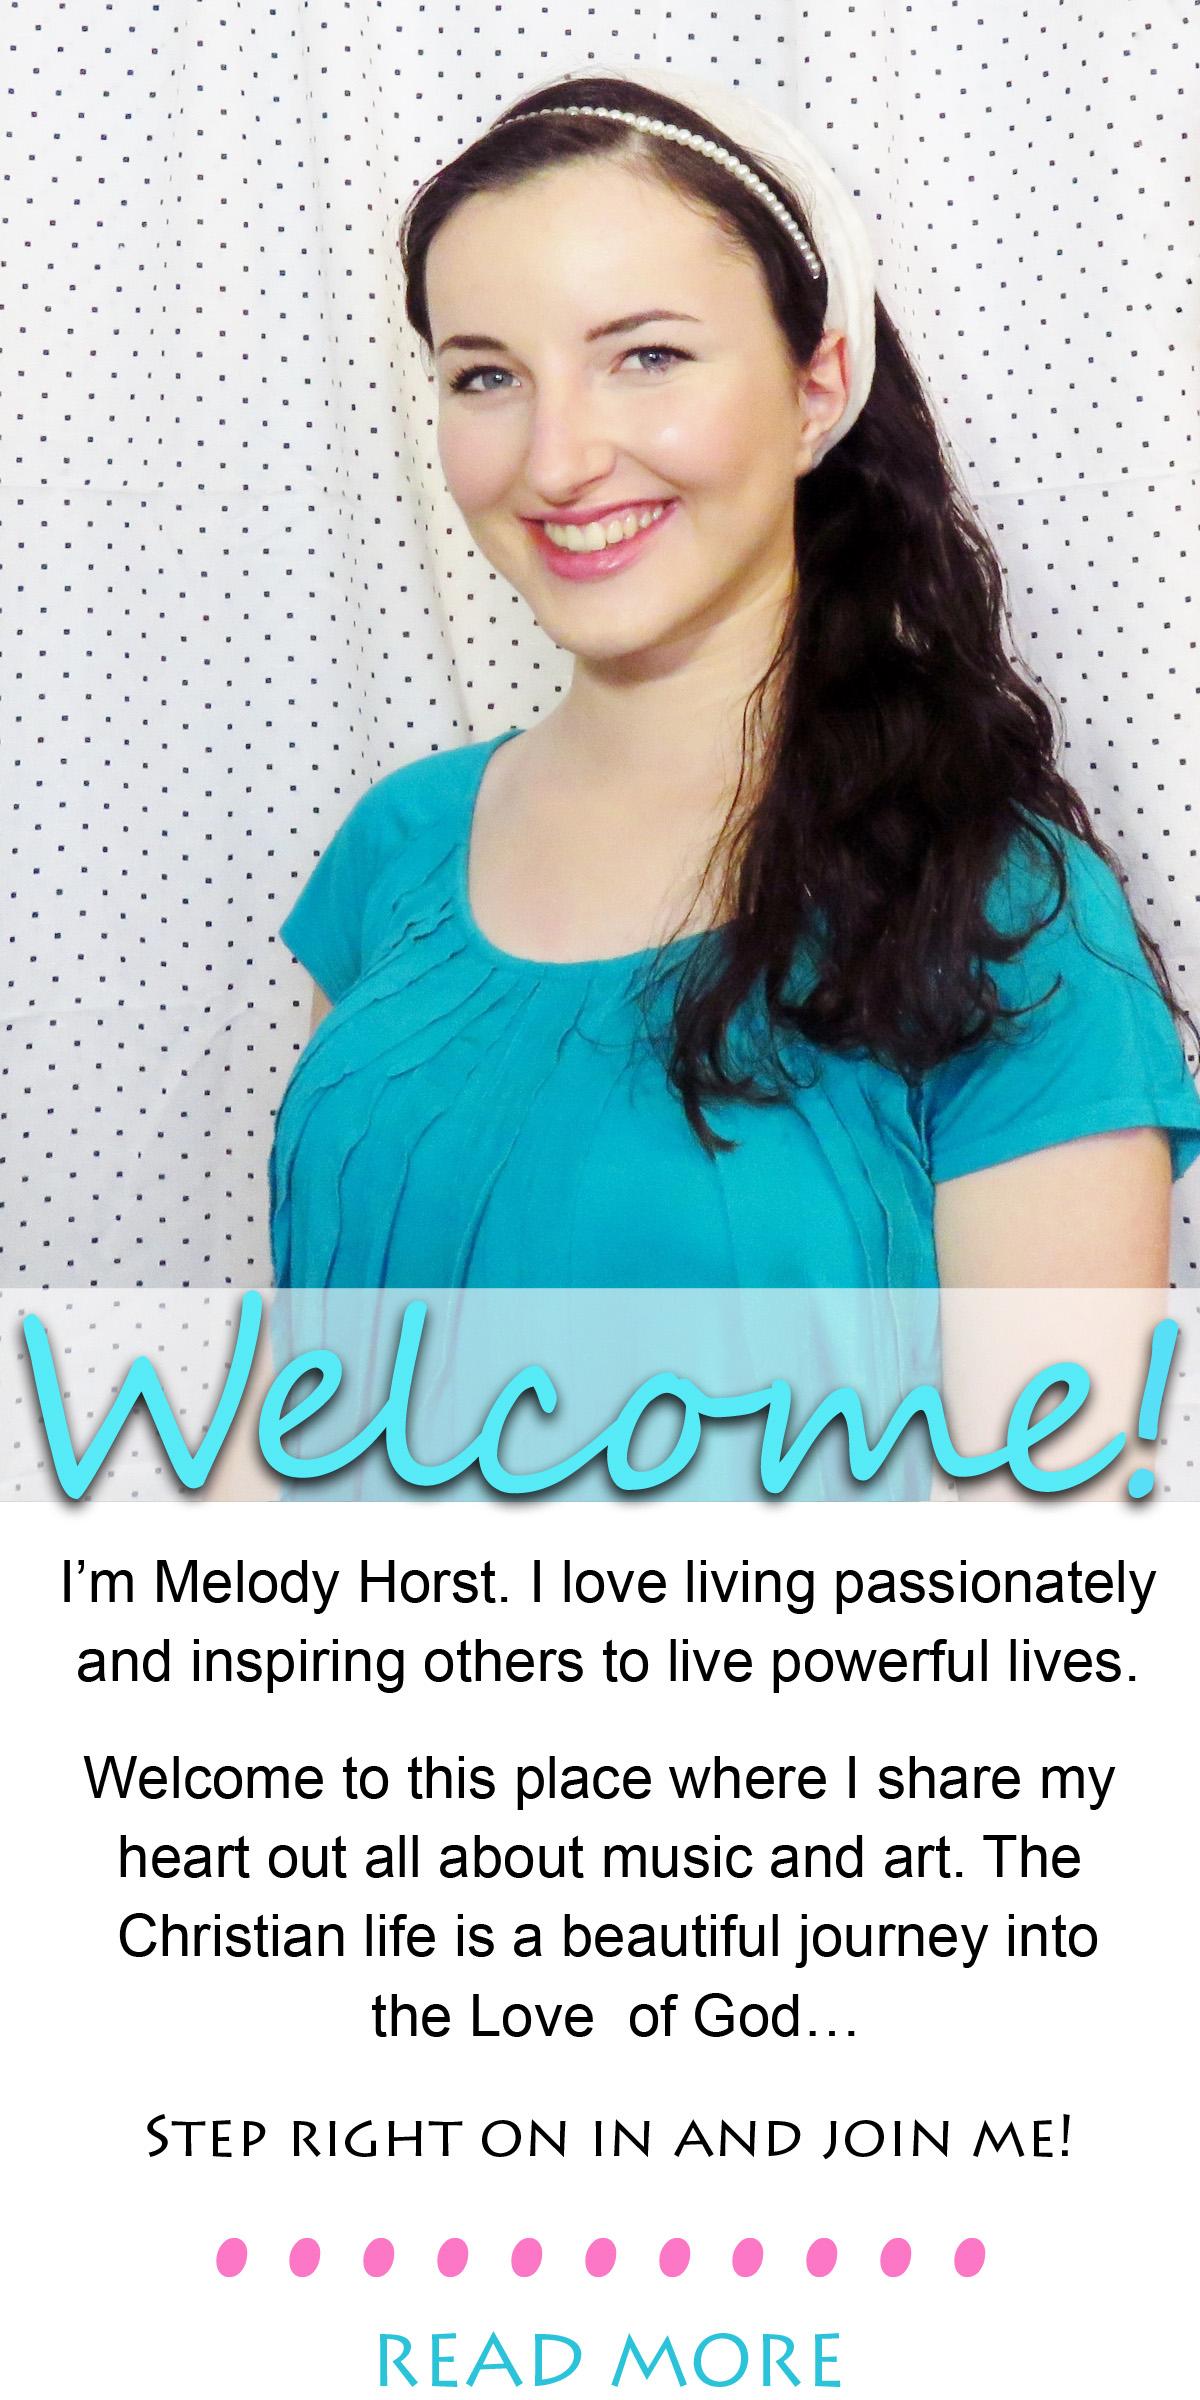 Melody Horst